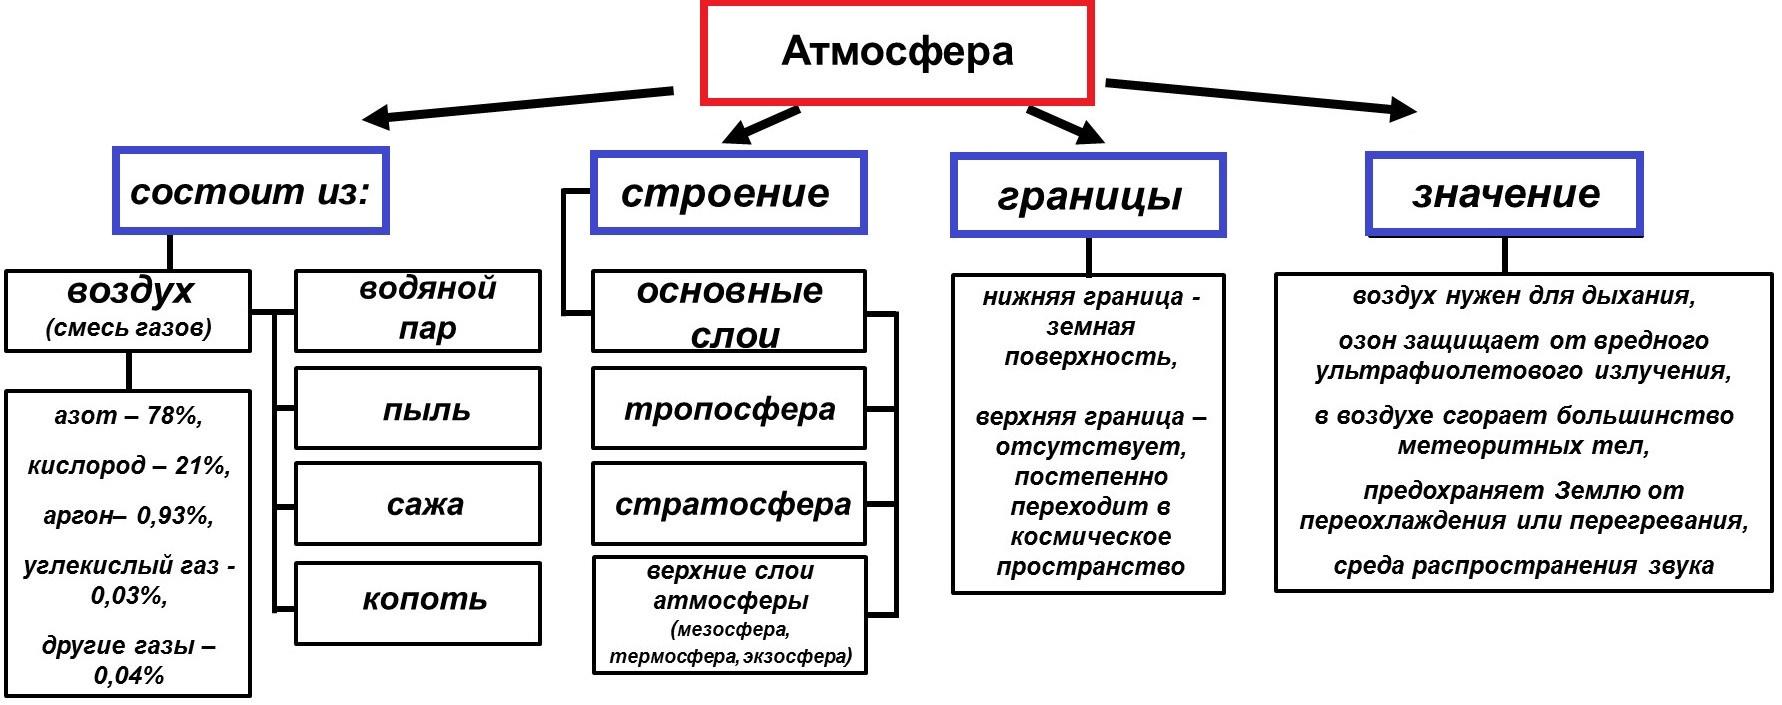 Тропосфера что это? значение слова тропосфера